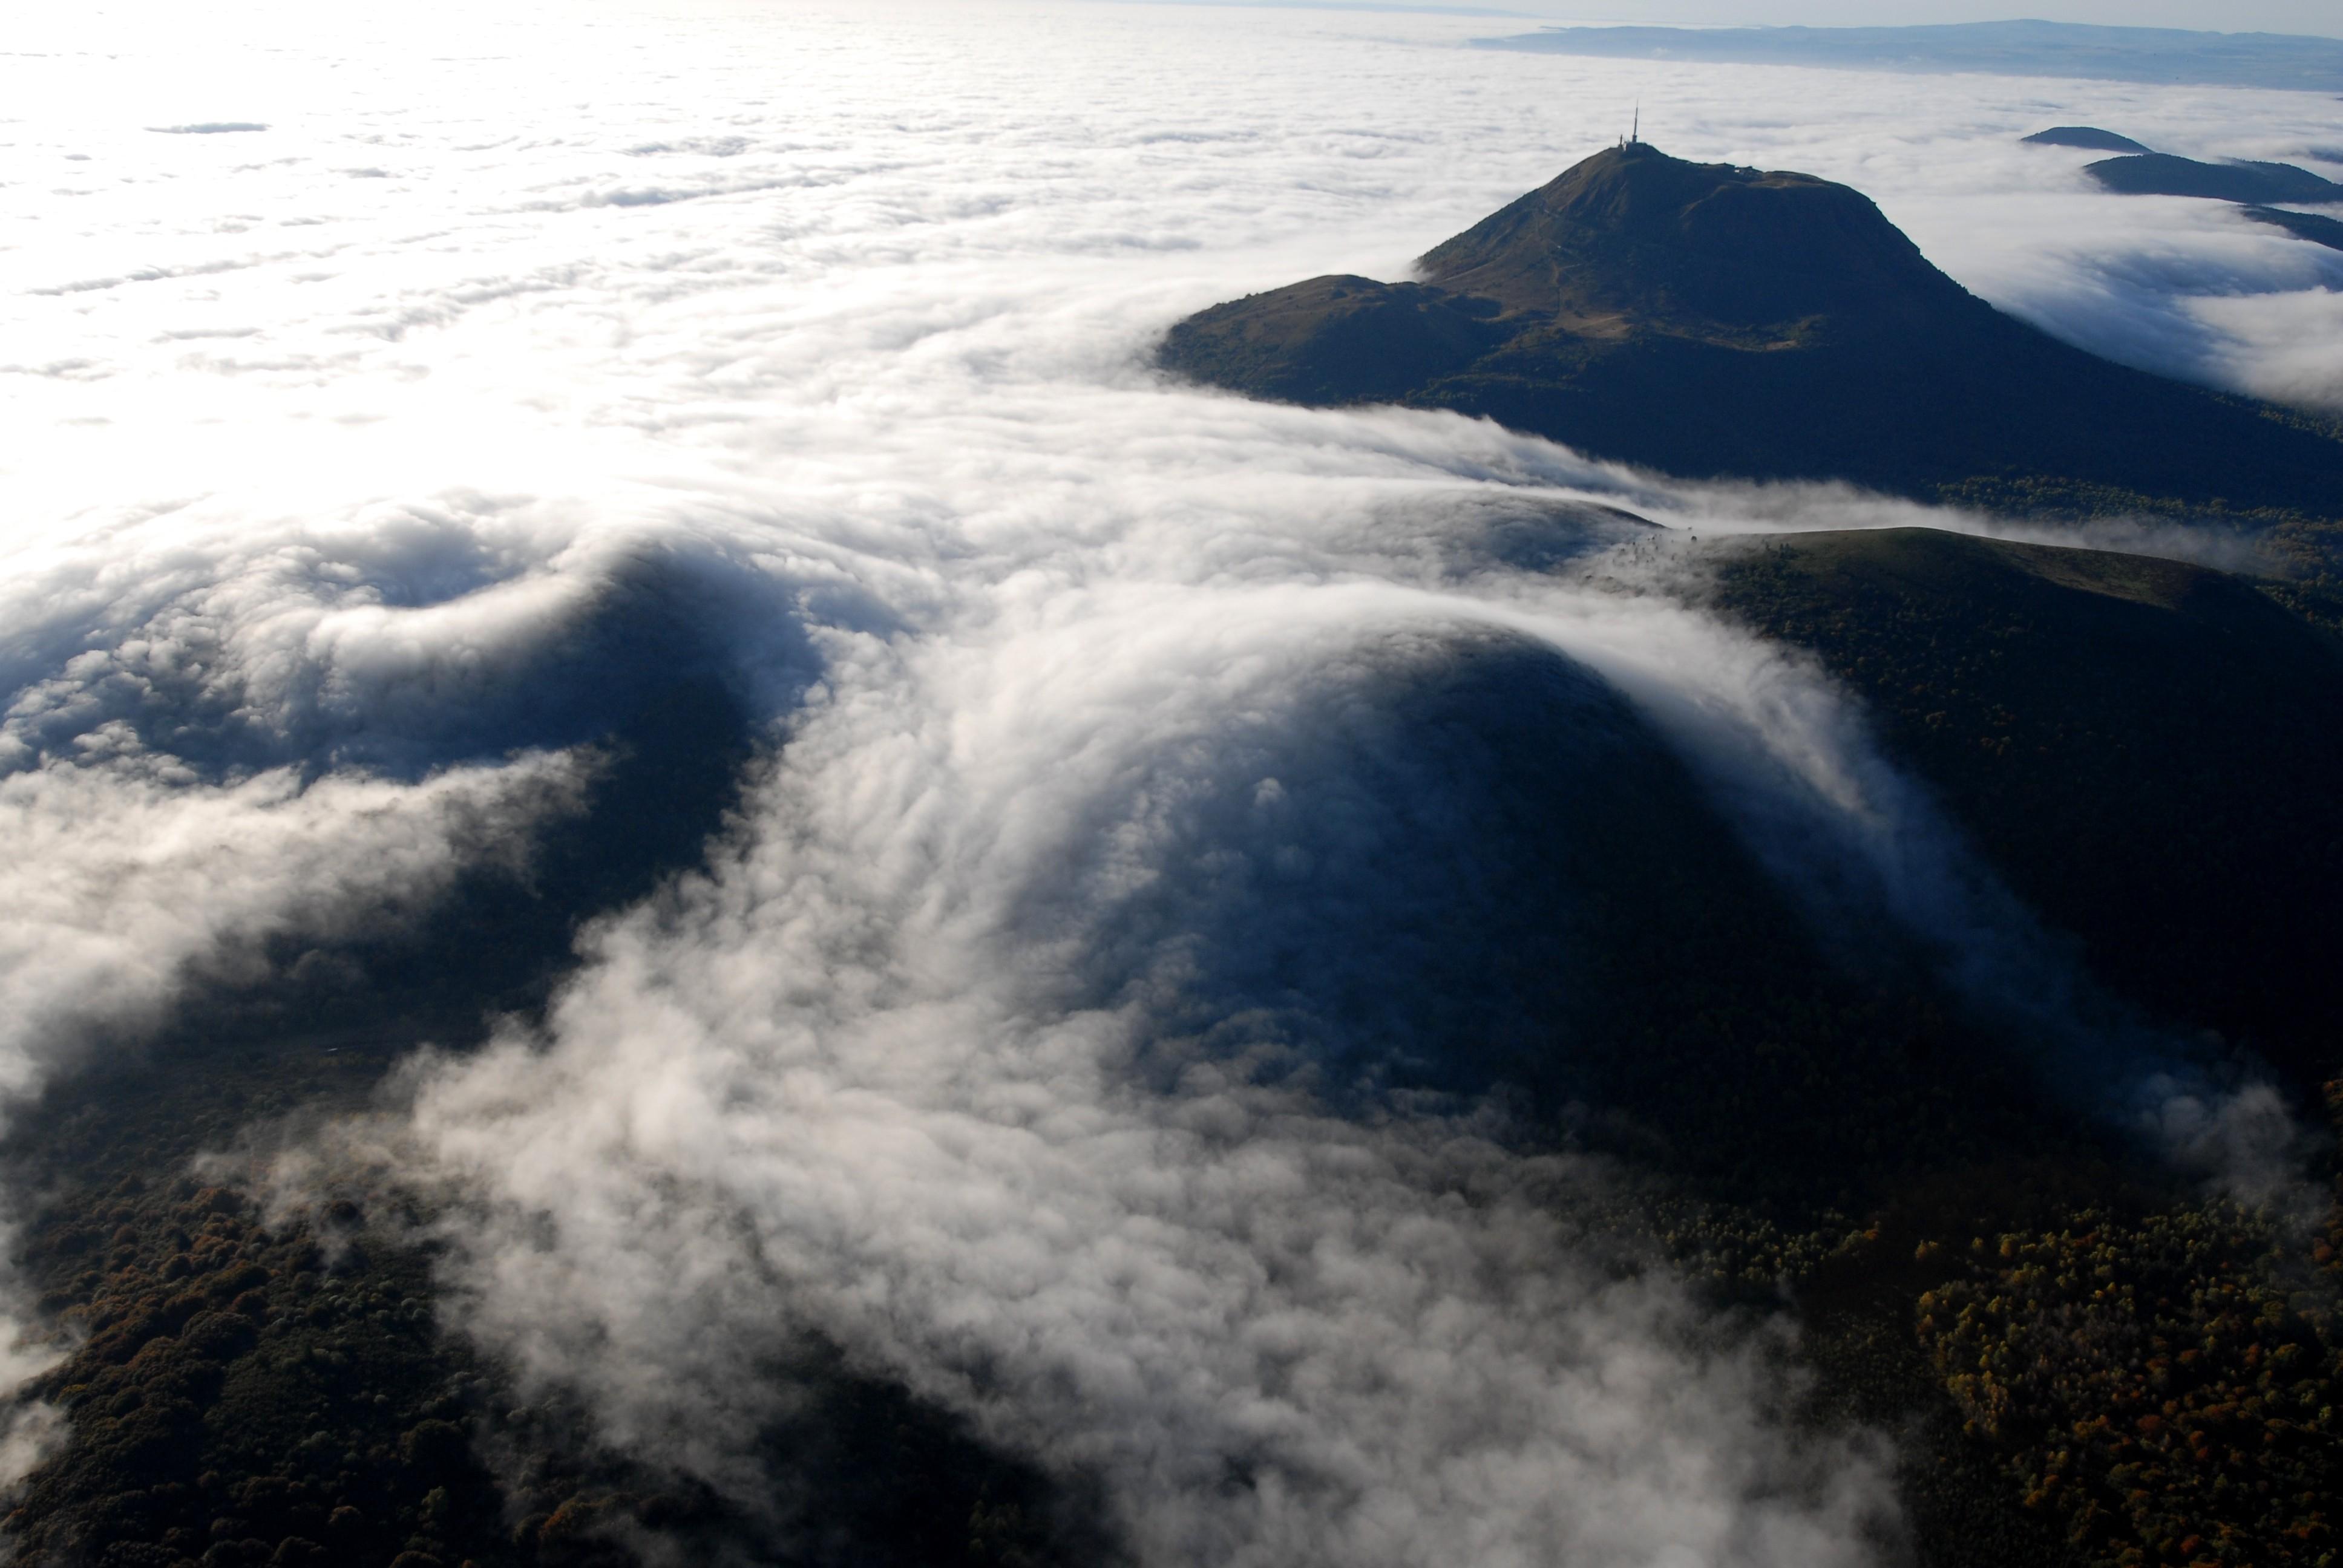 Ensemble tectono-volcanique de la Chaîne des Puys et de la faille de Limagne en France ©Jodie Way